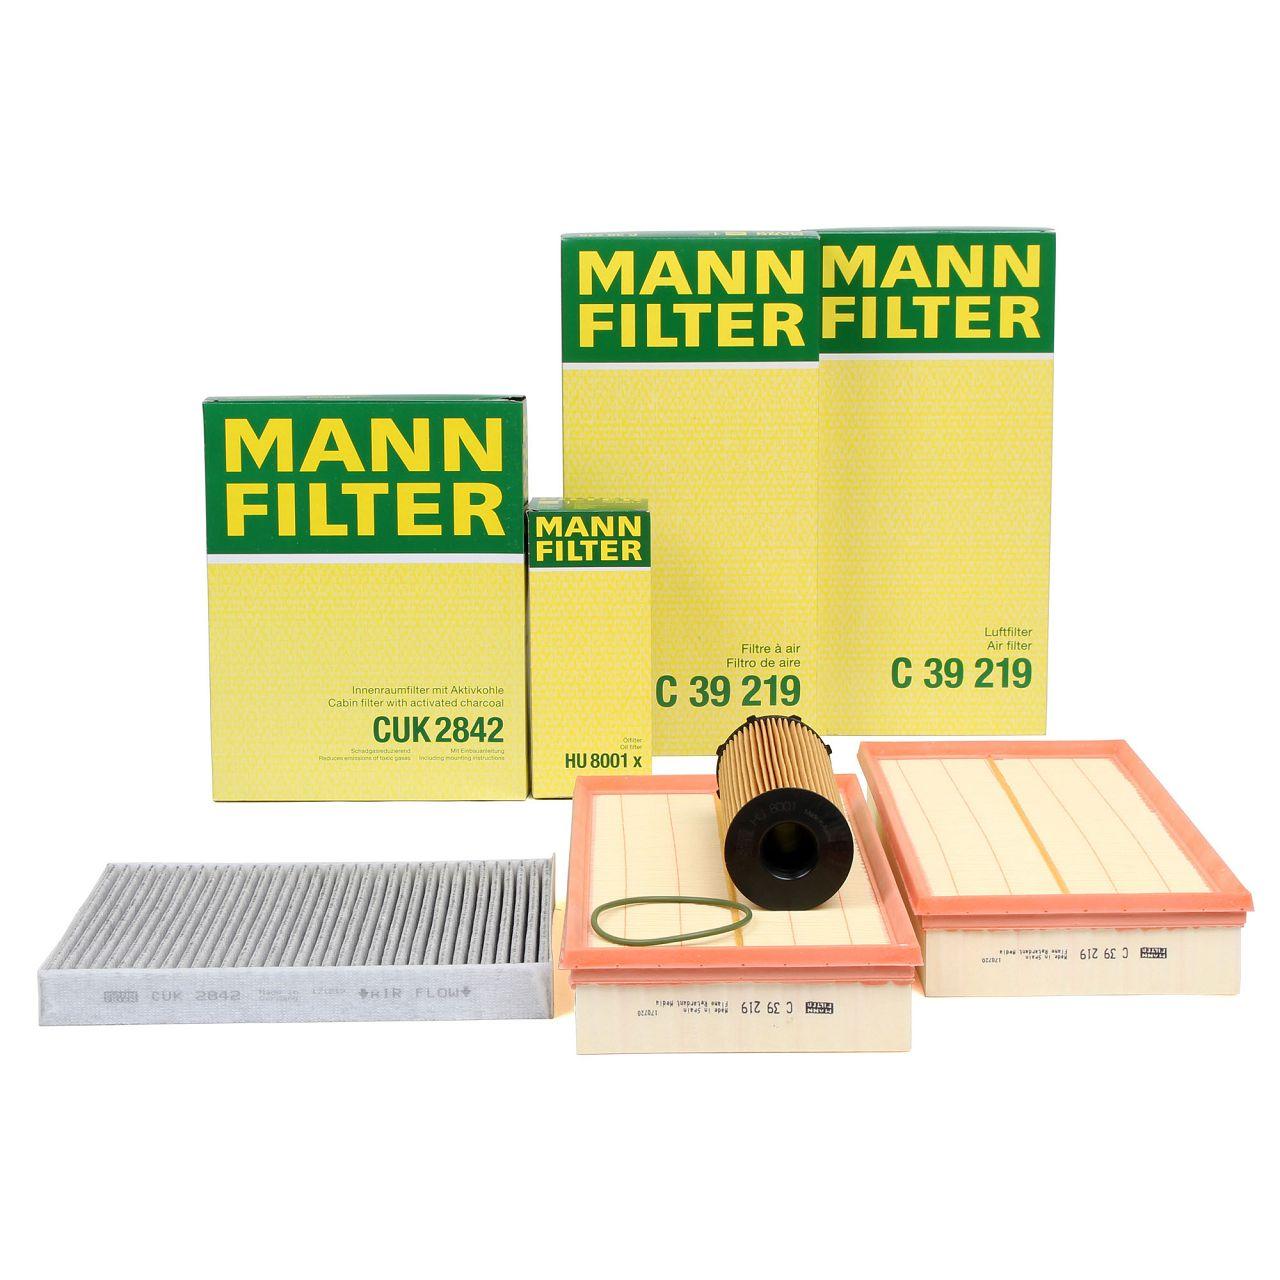 MANN Inspektionskit Filterpaket für AUDI Q7 (4LB) 4.2 TDI quattro 326/340 PS